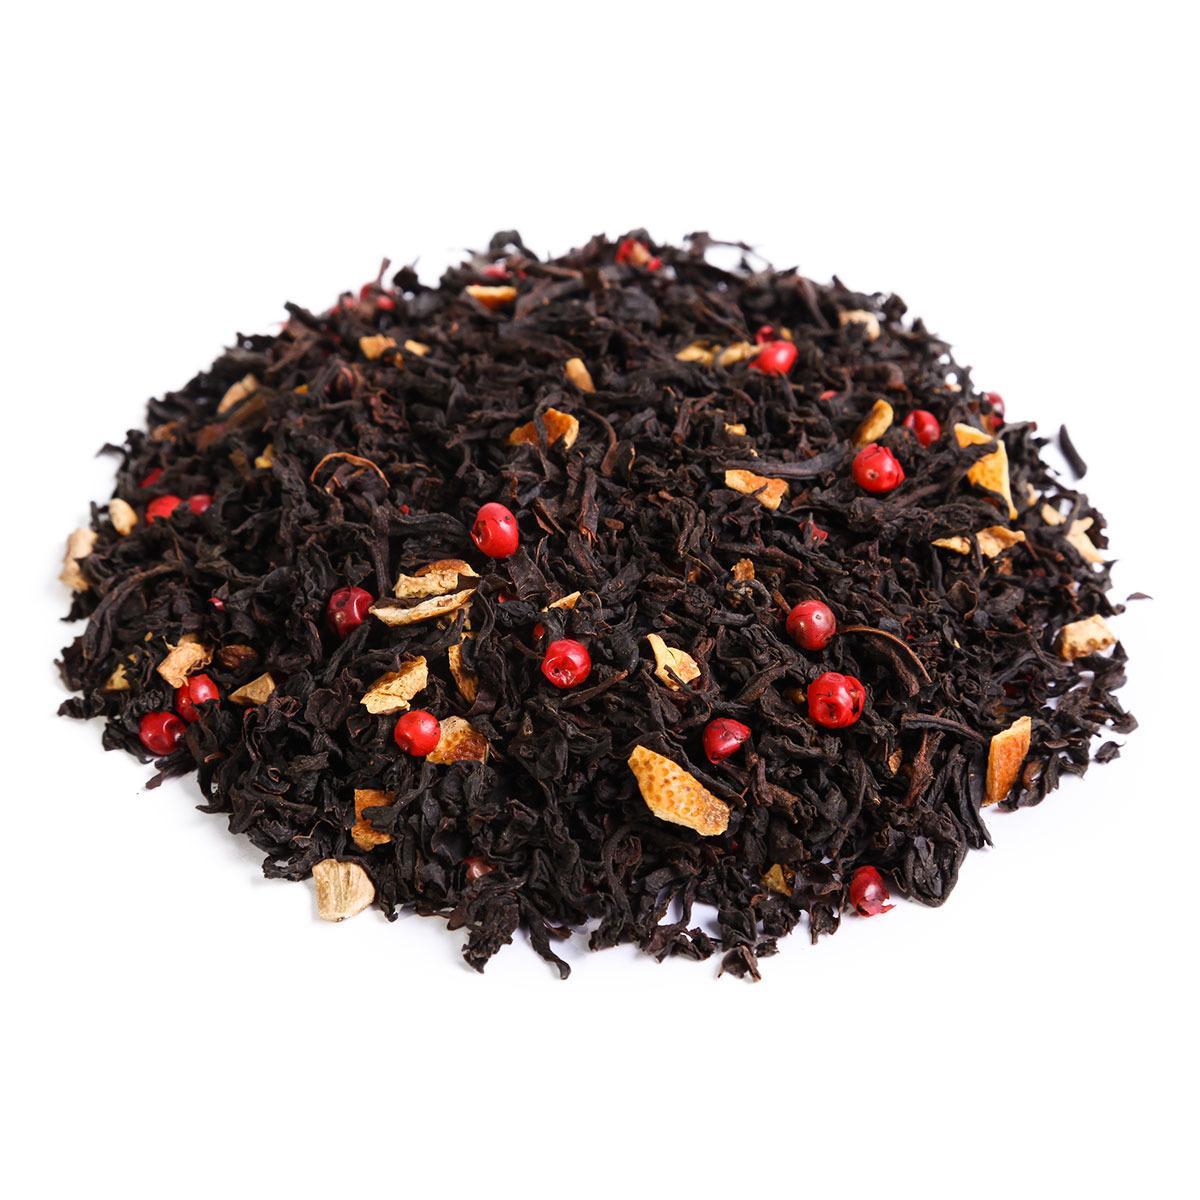 формат чай название фото здоров